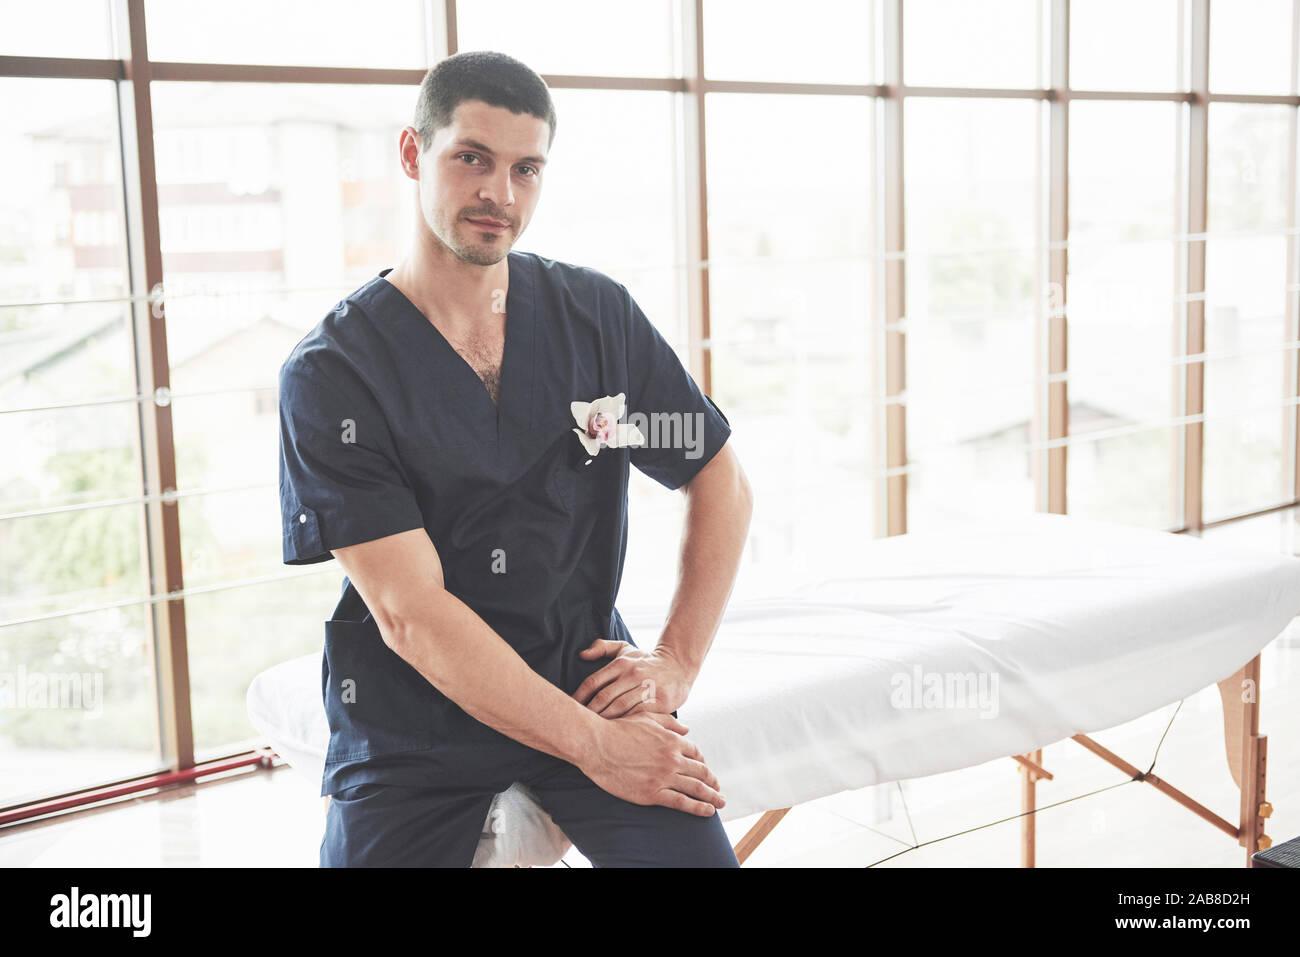 Ritratto di giovane uomo sorridente in uniforme nei pressi di poltrone di massaggio Foto Stock